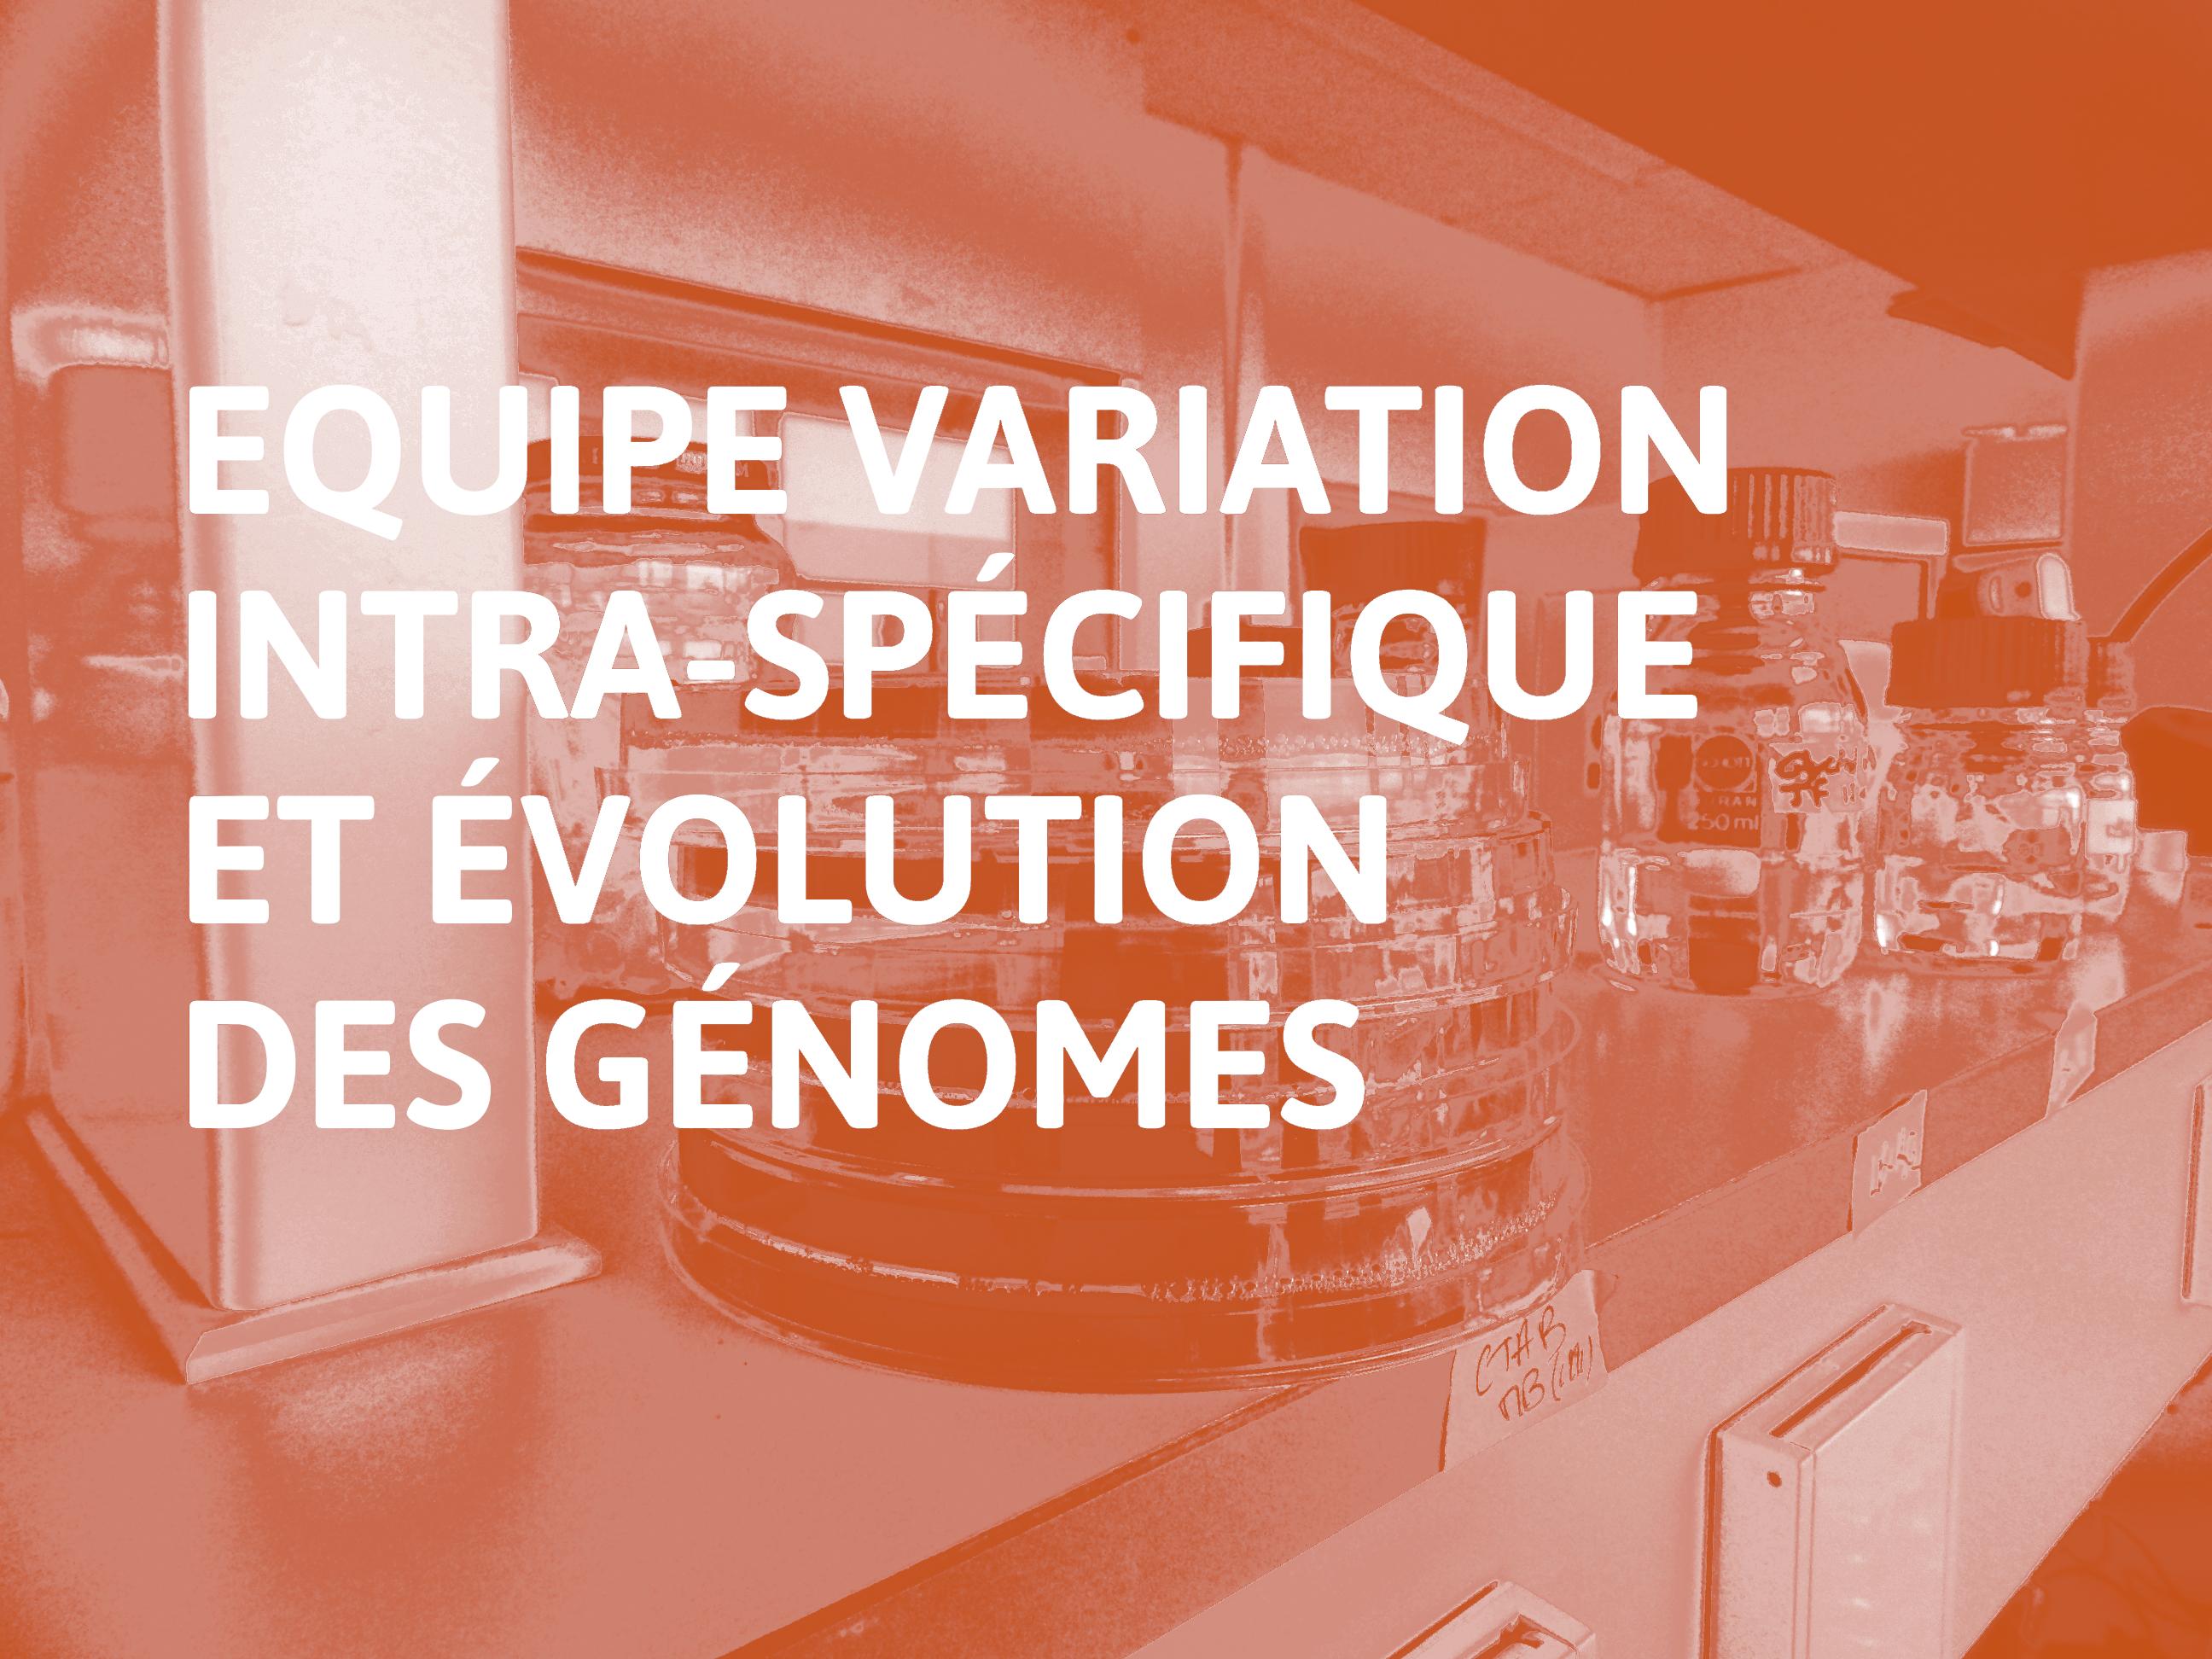 Equipe_Variation_intra-spécifique_et_évolution_des_génomes